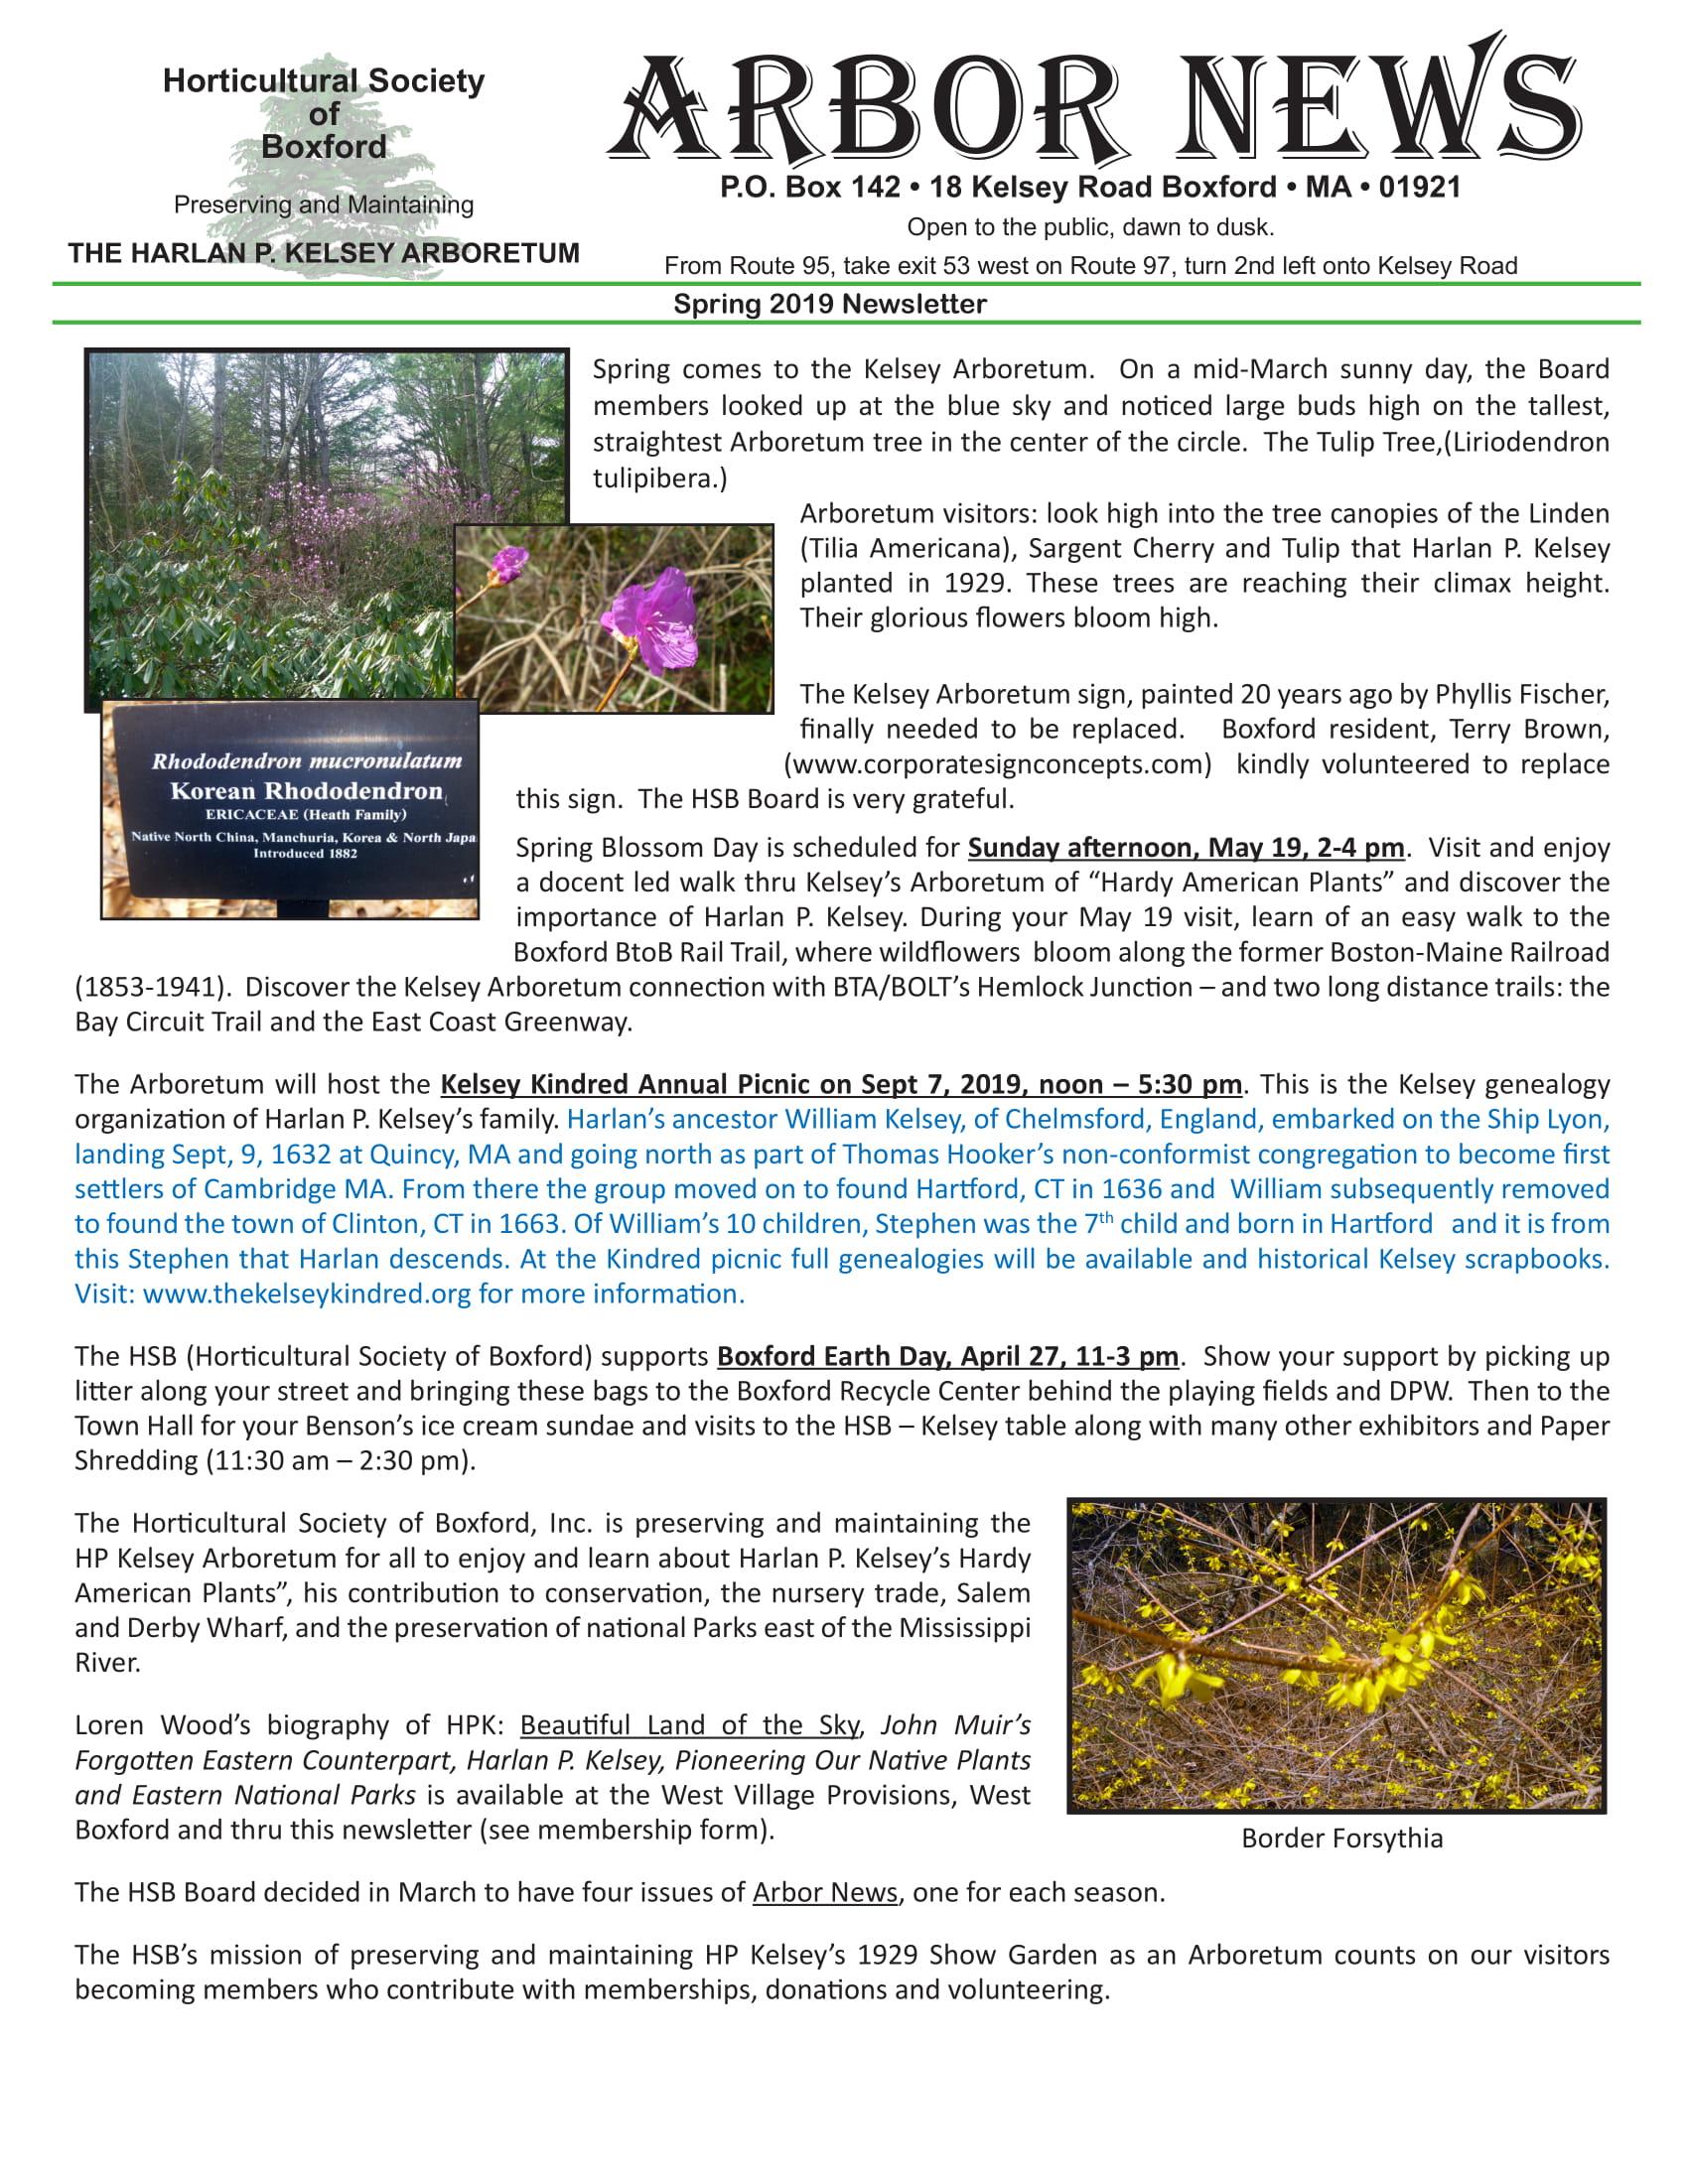 Spring 2019 Newsletter | The Kelsey Arboretum